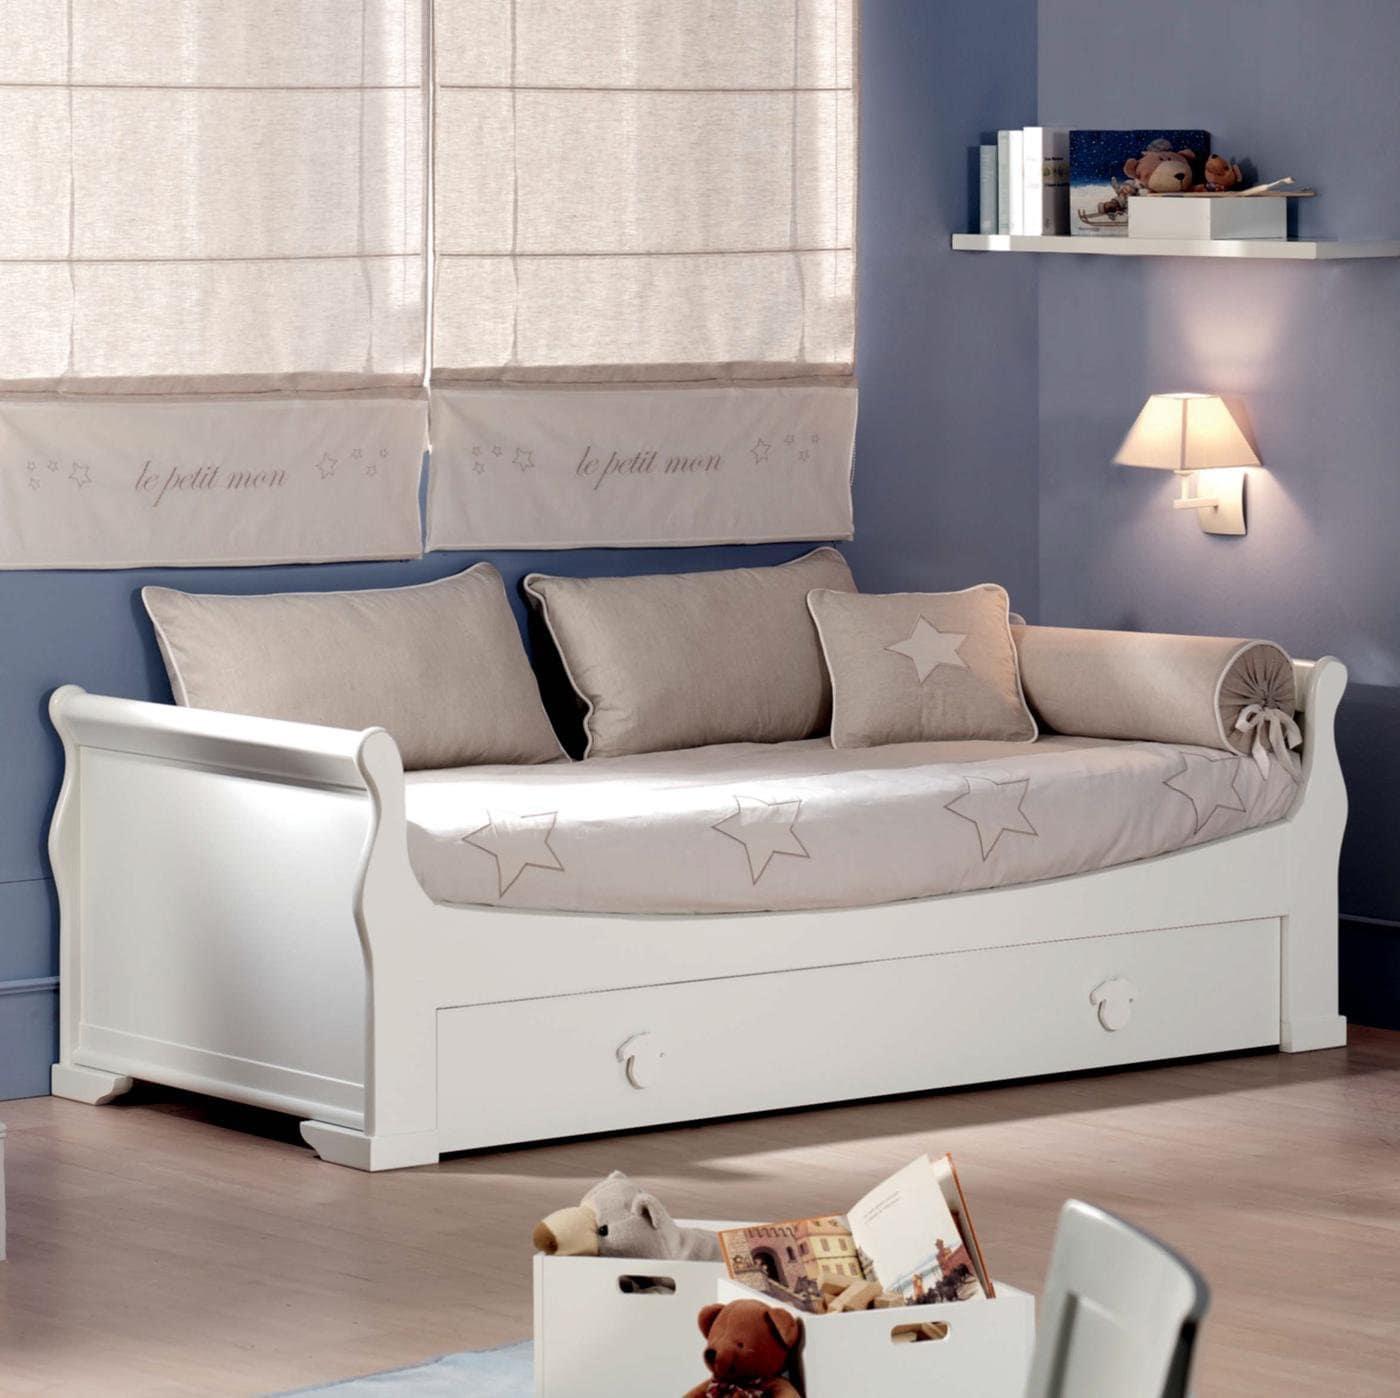 La versatilidad de las camas nido blancas - Cama nido con cajones ikea ...